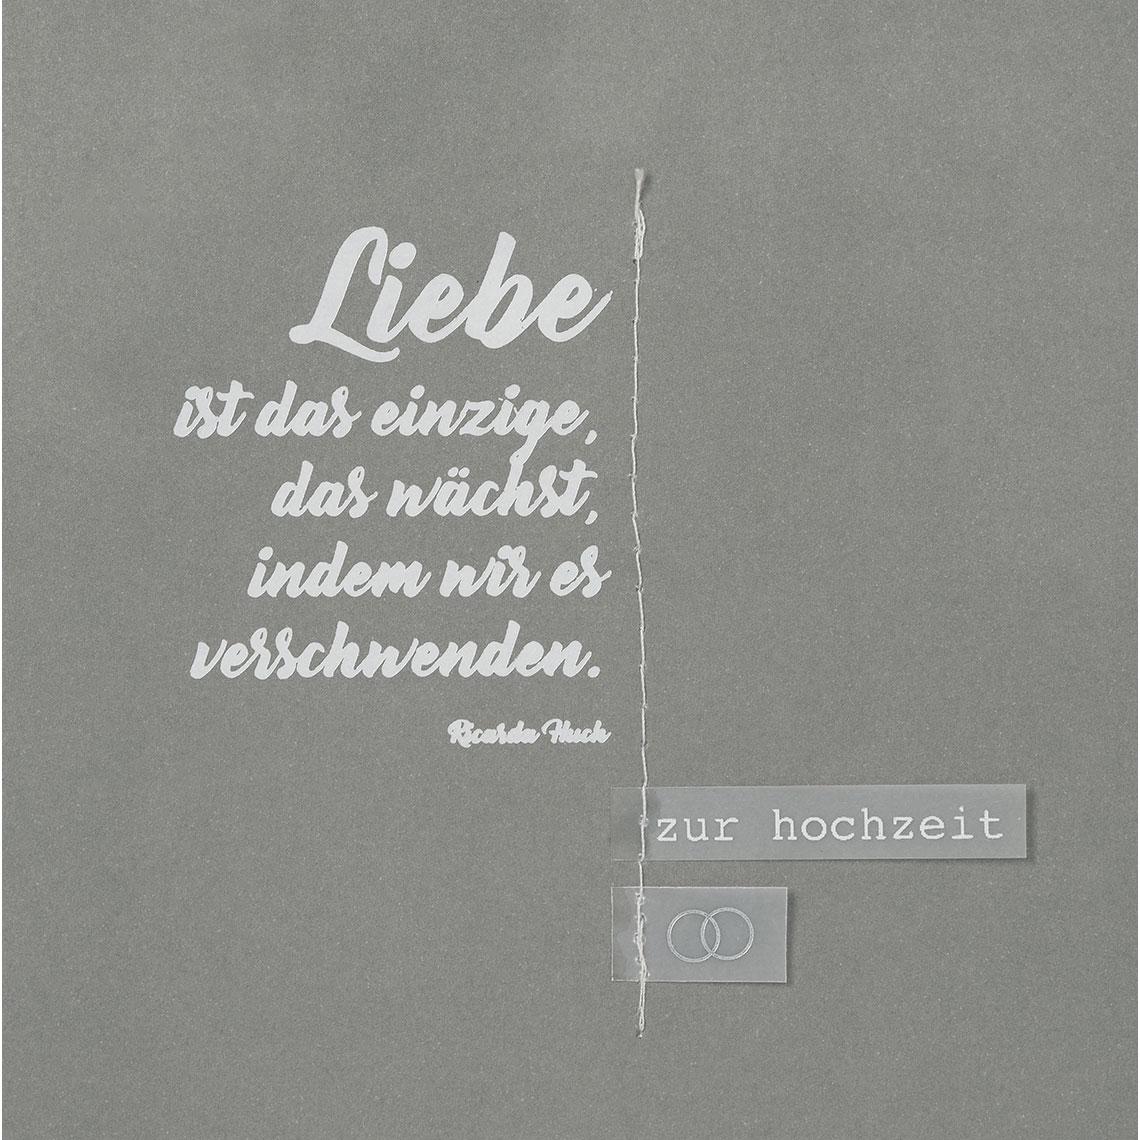 """Hochzeitskarte """"Liebe ist das einzige.."""" - räder"""